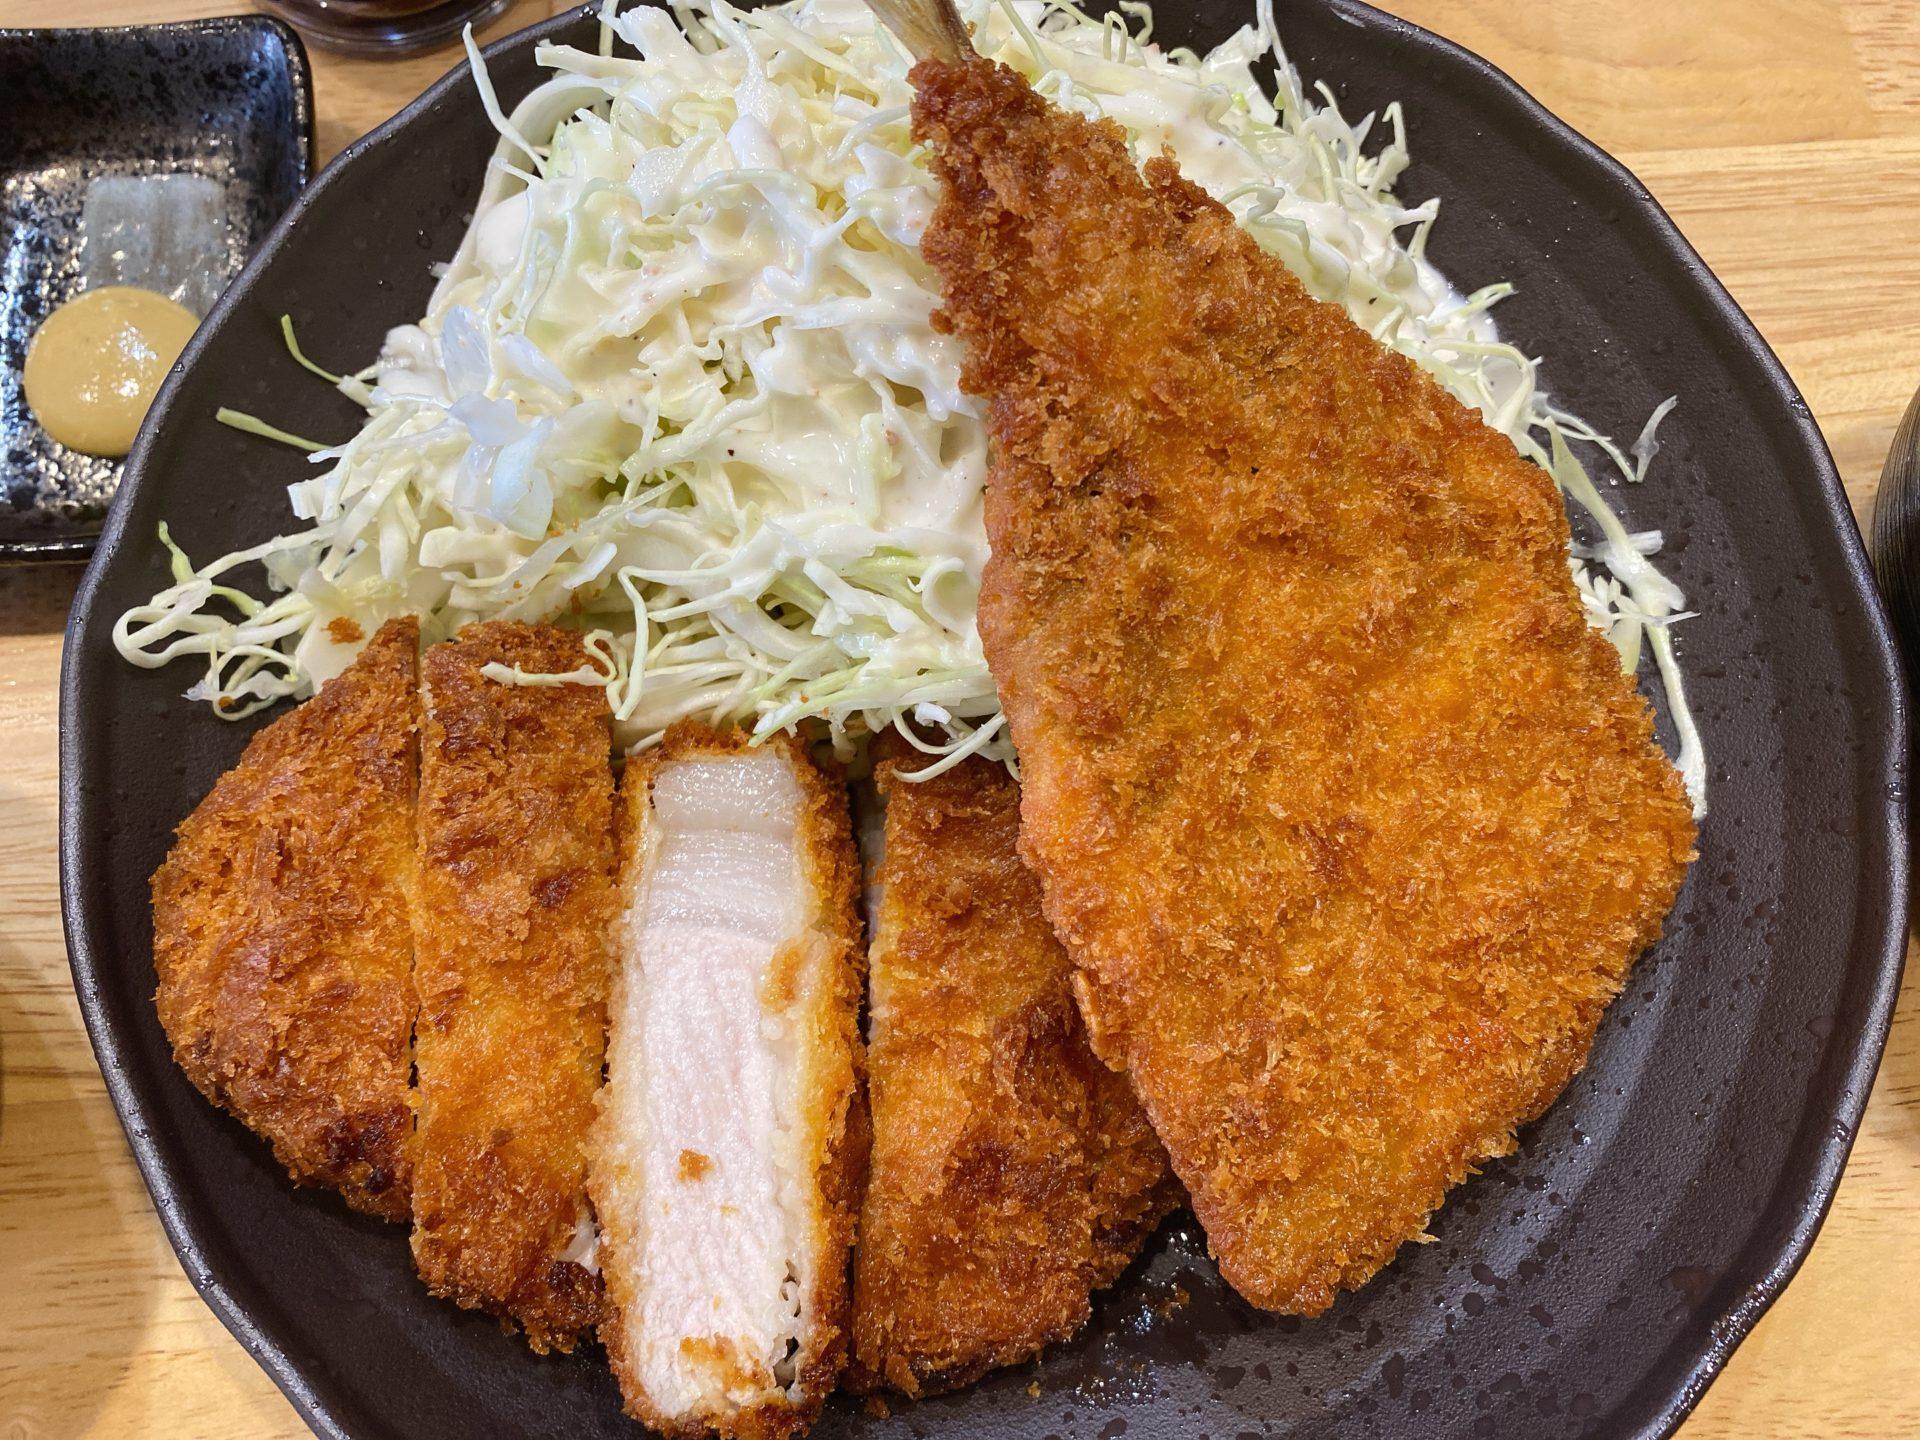 岡山市南区 昨年10月オープン!お食事処 彩織(さおり)にて三元豚ロースかつとあじフライのよくばり定食を頂き満足&満腹